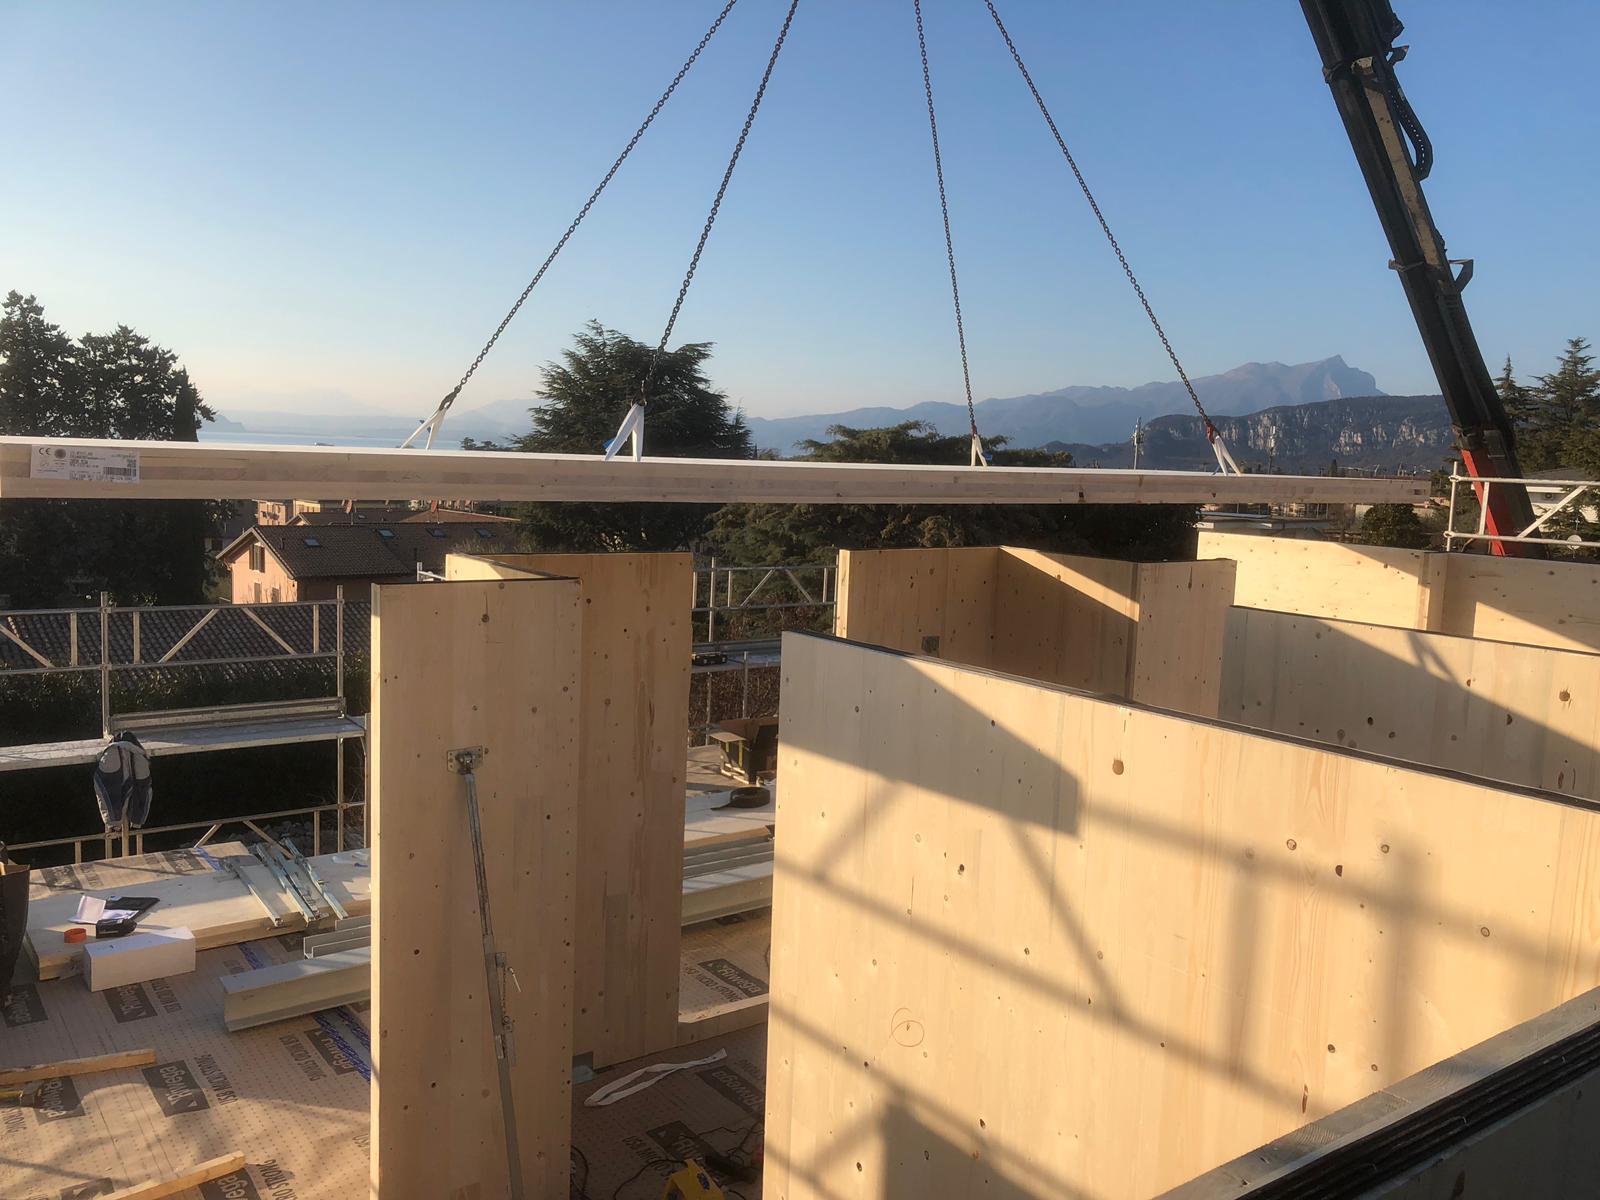 X-LAM un sistema che permette di costruire edifici in legno su svariati piani. casa pollam costruzione case in legno soraga val di fassa trentino alto adige